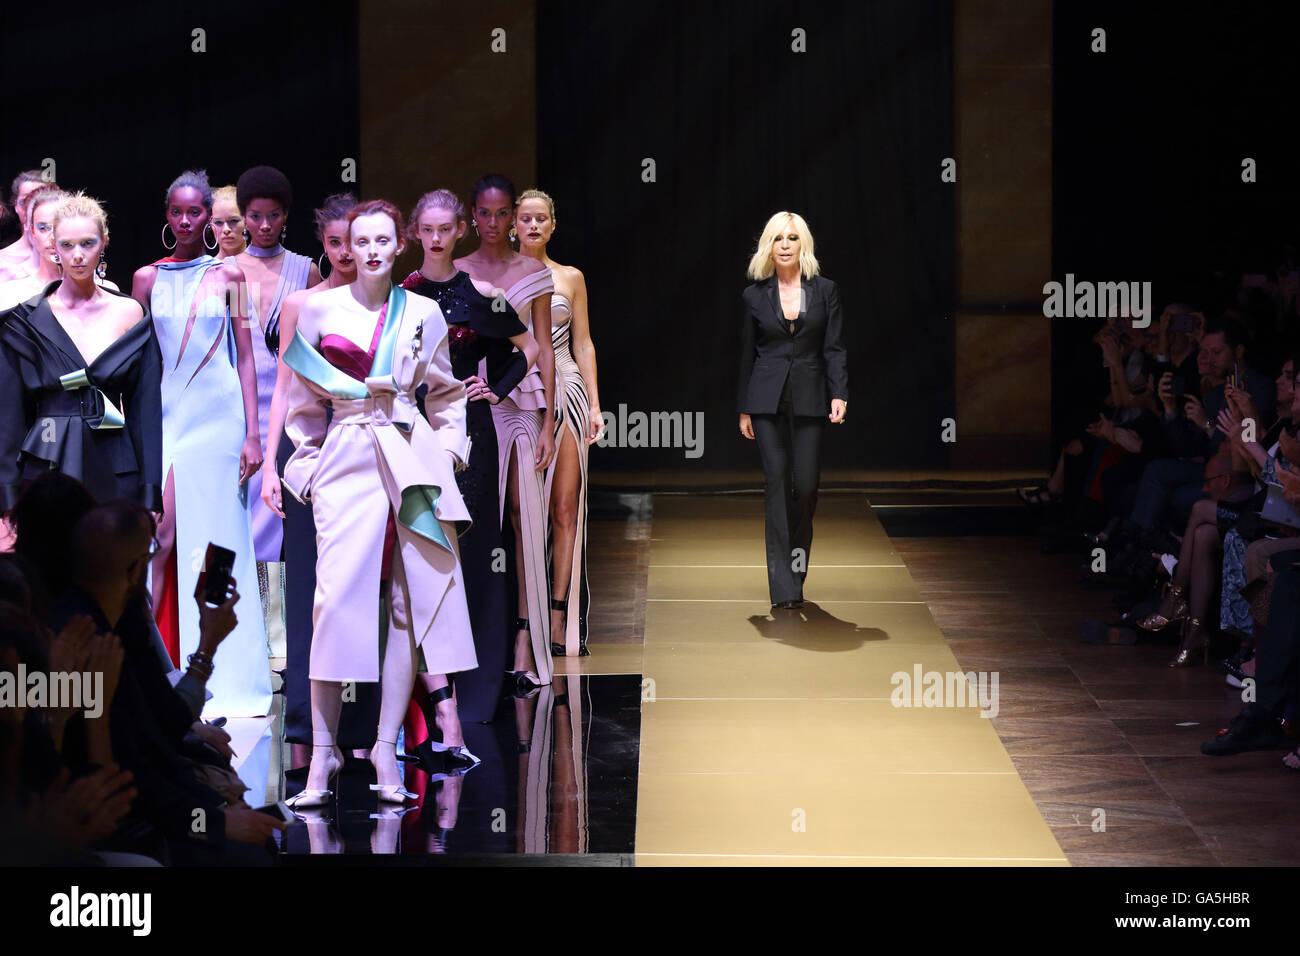 2fc061ddf69a As Donatella Versace Immagini   As Donatella Versace Fotos Stock - Alamy